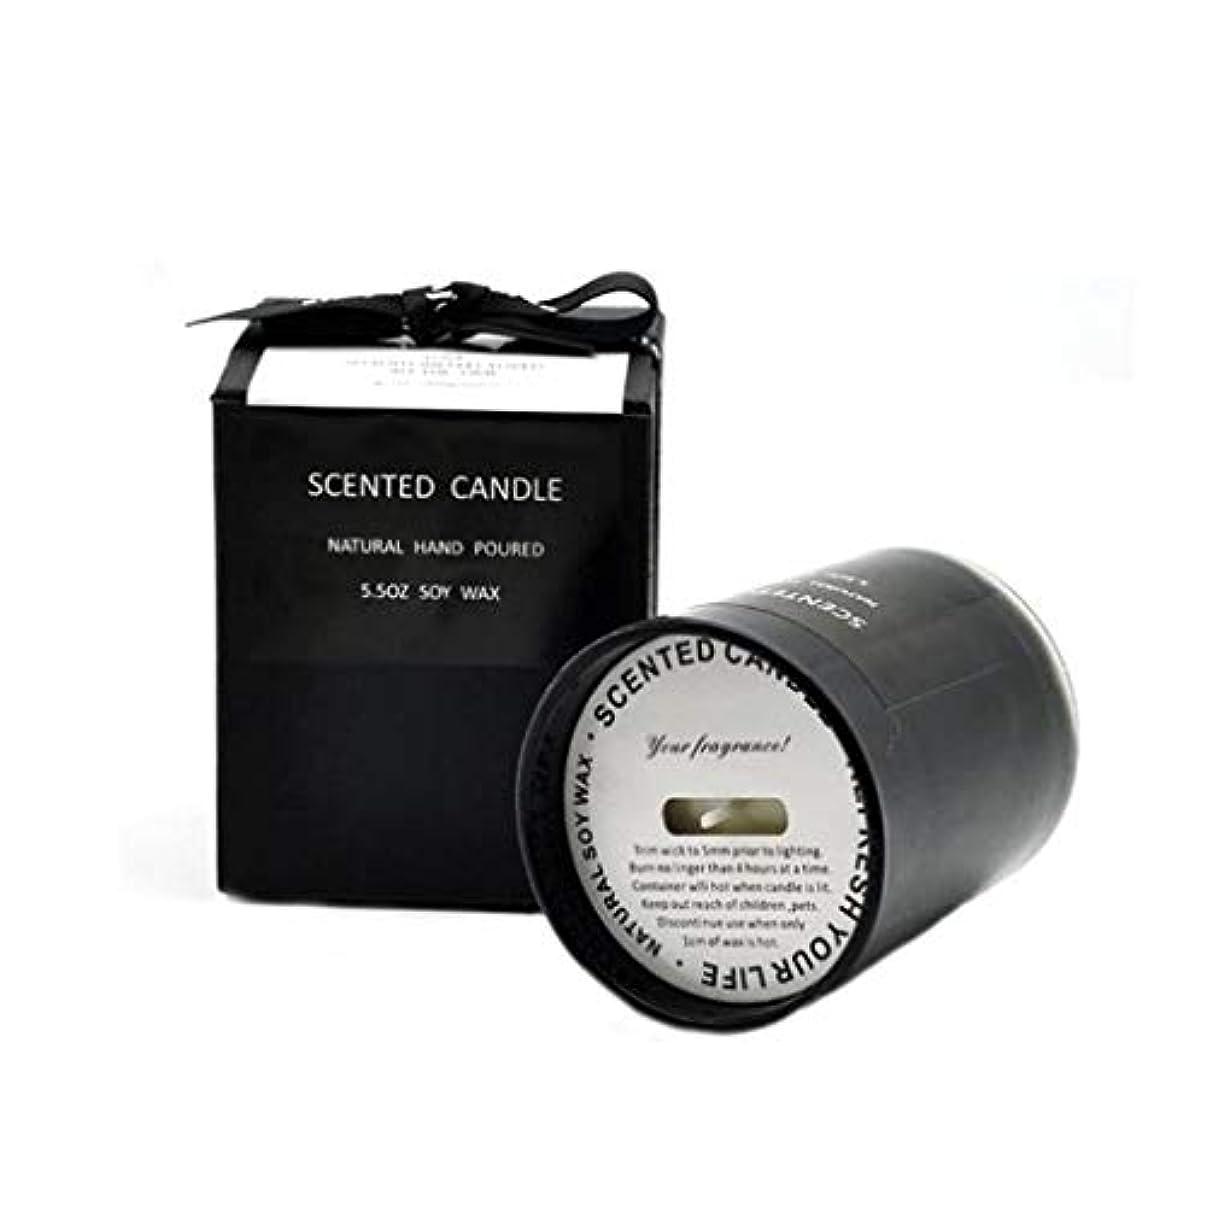 受粉するキャラクター歯科のキャンドル、中立黒いガラス蝋燭、ギフト用の箱が付いている大豆のワックスの無煙アロマセラピーの蝋燭